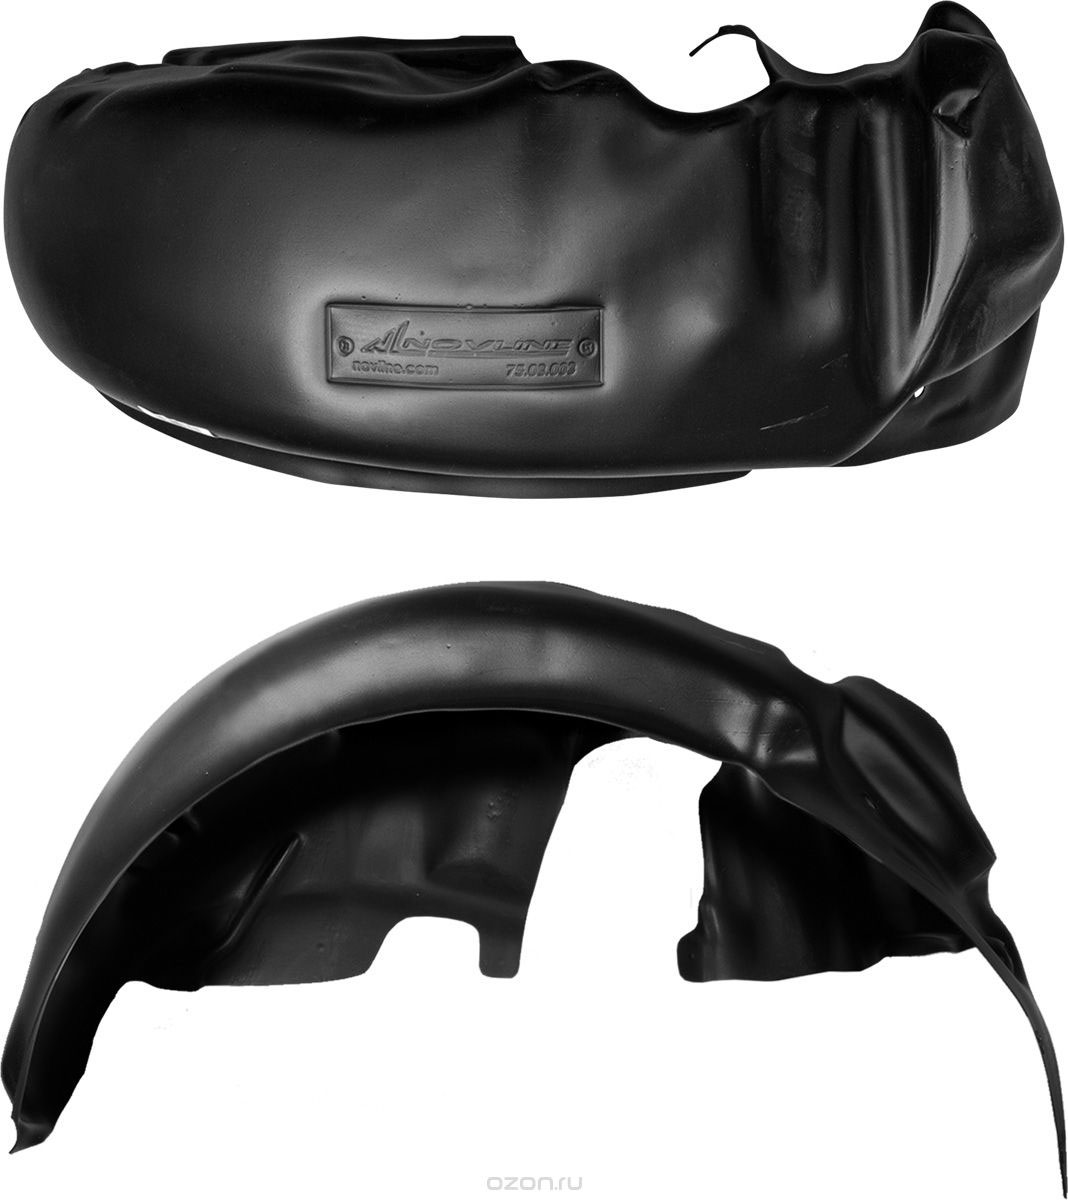 Подкрылок Novline-Autofamily, для DAEWOO Matiz 2005->, передний правый001902Идеальная защита колесной ниши. Локеры разработаны с применением цифровых технологий, гарантируют максимальную повторяемость поверхности арки. Изделия устанавливаются без нарушения лакокрасочного покрытия автомобиля, каждый подкрылок комплектуется крепежом. Уважаемые клиенты, обращаем ваше внимание, что фотографии на подкрылки универсальные и не отражают реальную форму изделия. При этом само изделие идет точно под размер указанного автомобиля.